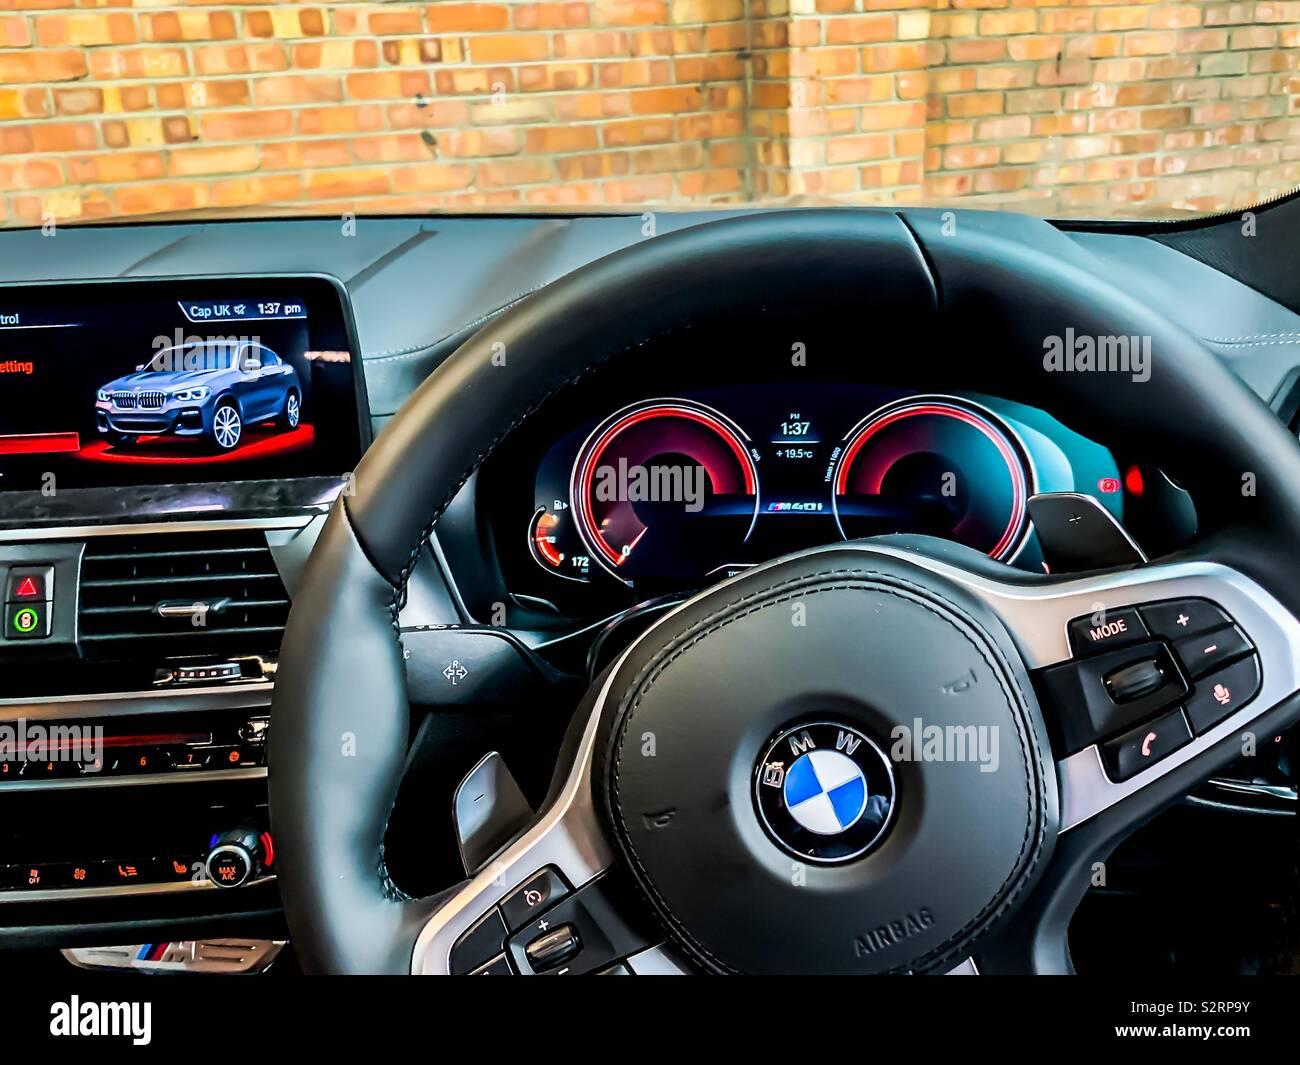 X4 Stock Photos & X4 Stock Images - Alamy